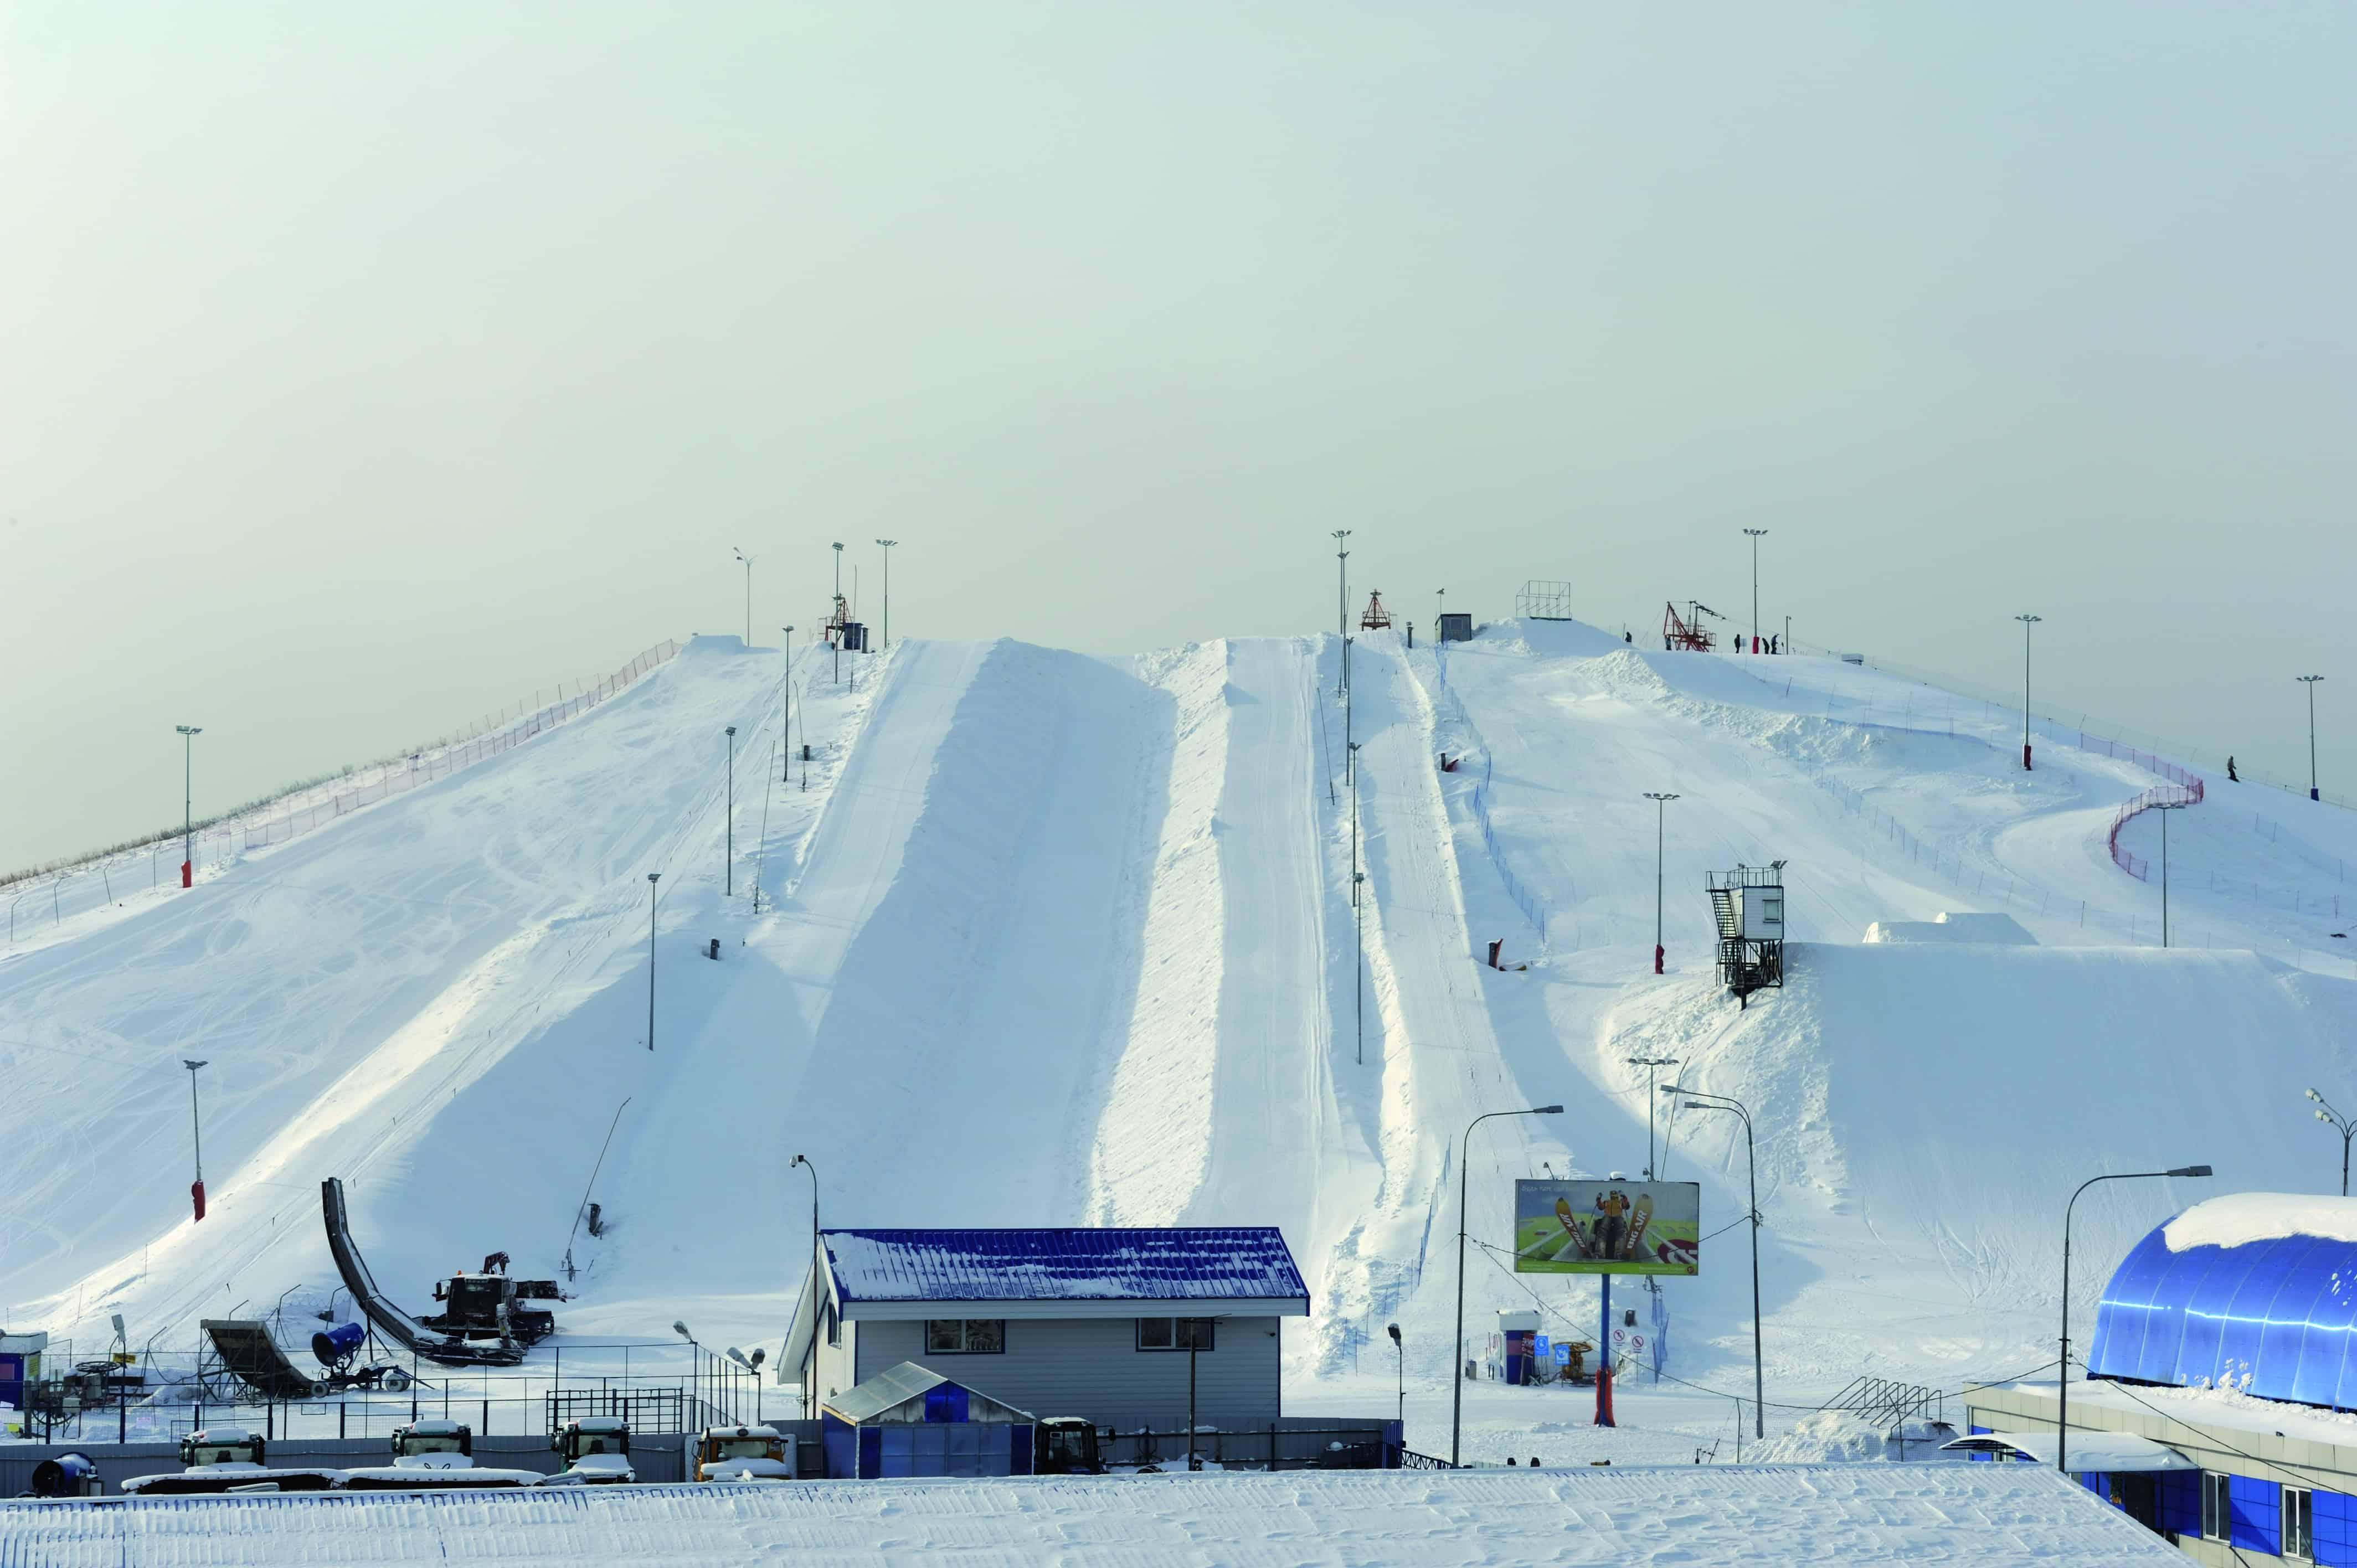 Новые горнолыжные склоны в Москве Новые горнолыжные склоны в Москве 2 13